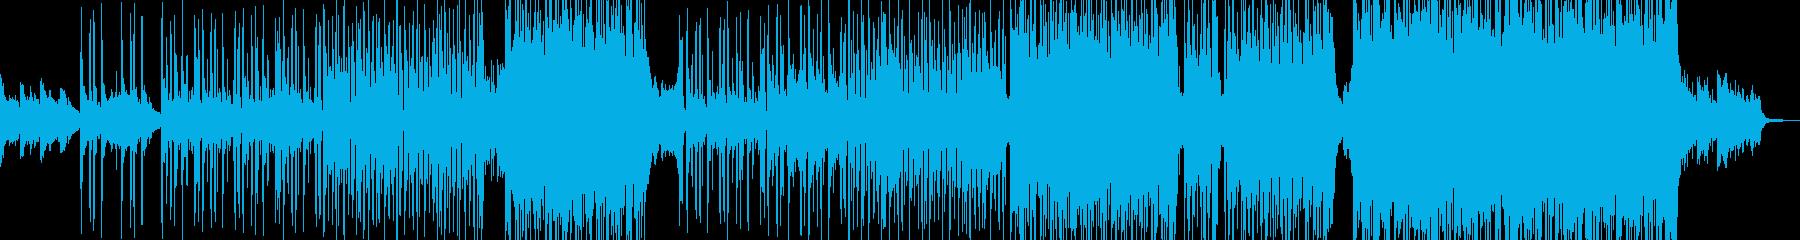 涙を笑顔に R&B・後半エレキ有 Lの再生済みの波形